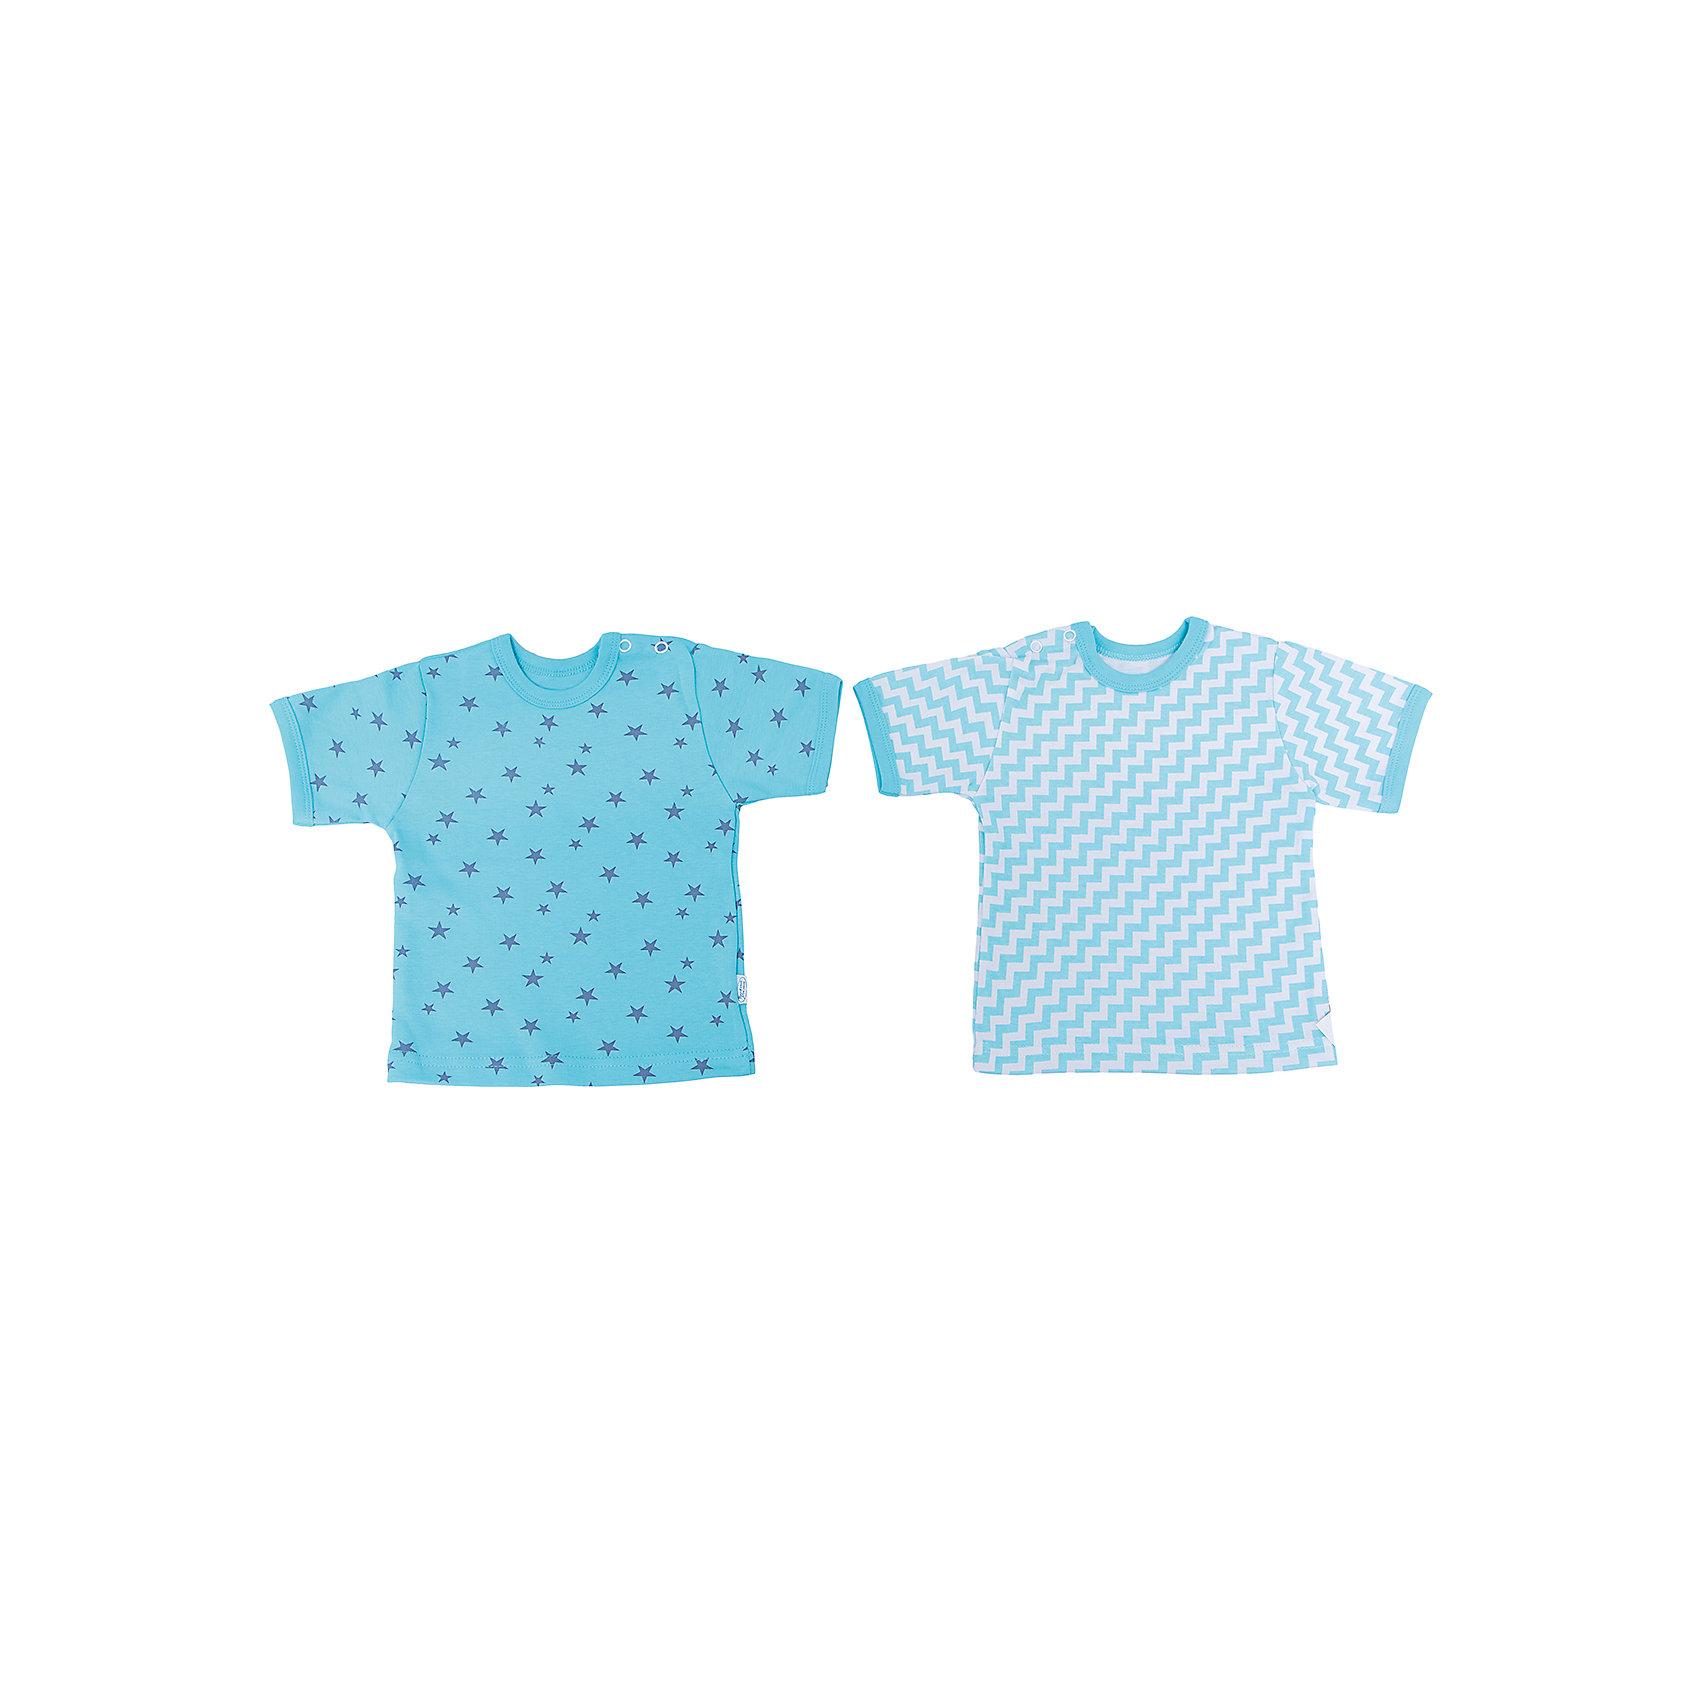 Футболка для мальчика, 2 шт. Веселый малышФутболки, топы<br>Каждый предмет, предназначающийся ребенку, необходимо тщательно выбирать. Одежда для малышей должна быть удобной и качественной - это один из необходимых факторов для правильного развития и хорошего самочувствия ребенка.<br>Эти футболки отличаются высоким качеством швов, окантовкой краёв, что позволяет им хорошо фиксироваться на теле малыша, не сползать и не натирать. Застежки - удобные кнопки, которые не мешают ребенку. Материал - интерлок. Это плотная ткань из натурального хлопка, гладкая, приятная на ощупь, дышащая и гипоаллергенная. Расцветка изделий позволяет легко комбинировать их с различной одеждой. В наборе - две футболки разных цветов.<br><br>Дополнительная информация:<br><br>материал: 100% хлопок интерлок;<br>застежки: кнопки;<br>короткий рукав;<br>комплектация: 2 футболки.<br><br>Комплект футболок от бренда Веселый малыш можно купить в нашем магазине.<br><br>Ширина мм: 157<br>Глубина мм: 13<br>Высота мм: 119<br>Вес г: 200<br>Цвет: бирюзовый<br>Возраст от месяцев: 12<br>Возраст до месяцев: 15<br>Пол: Мужской<br>Возраст: Детский<br>Размер: 80,68,74<br>SKU: 4811020